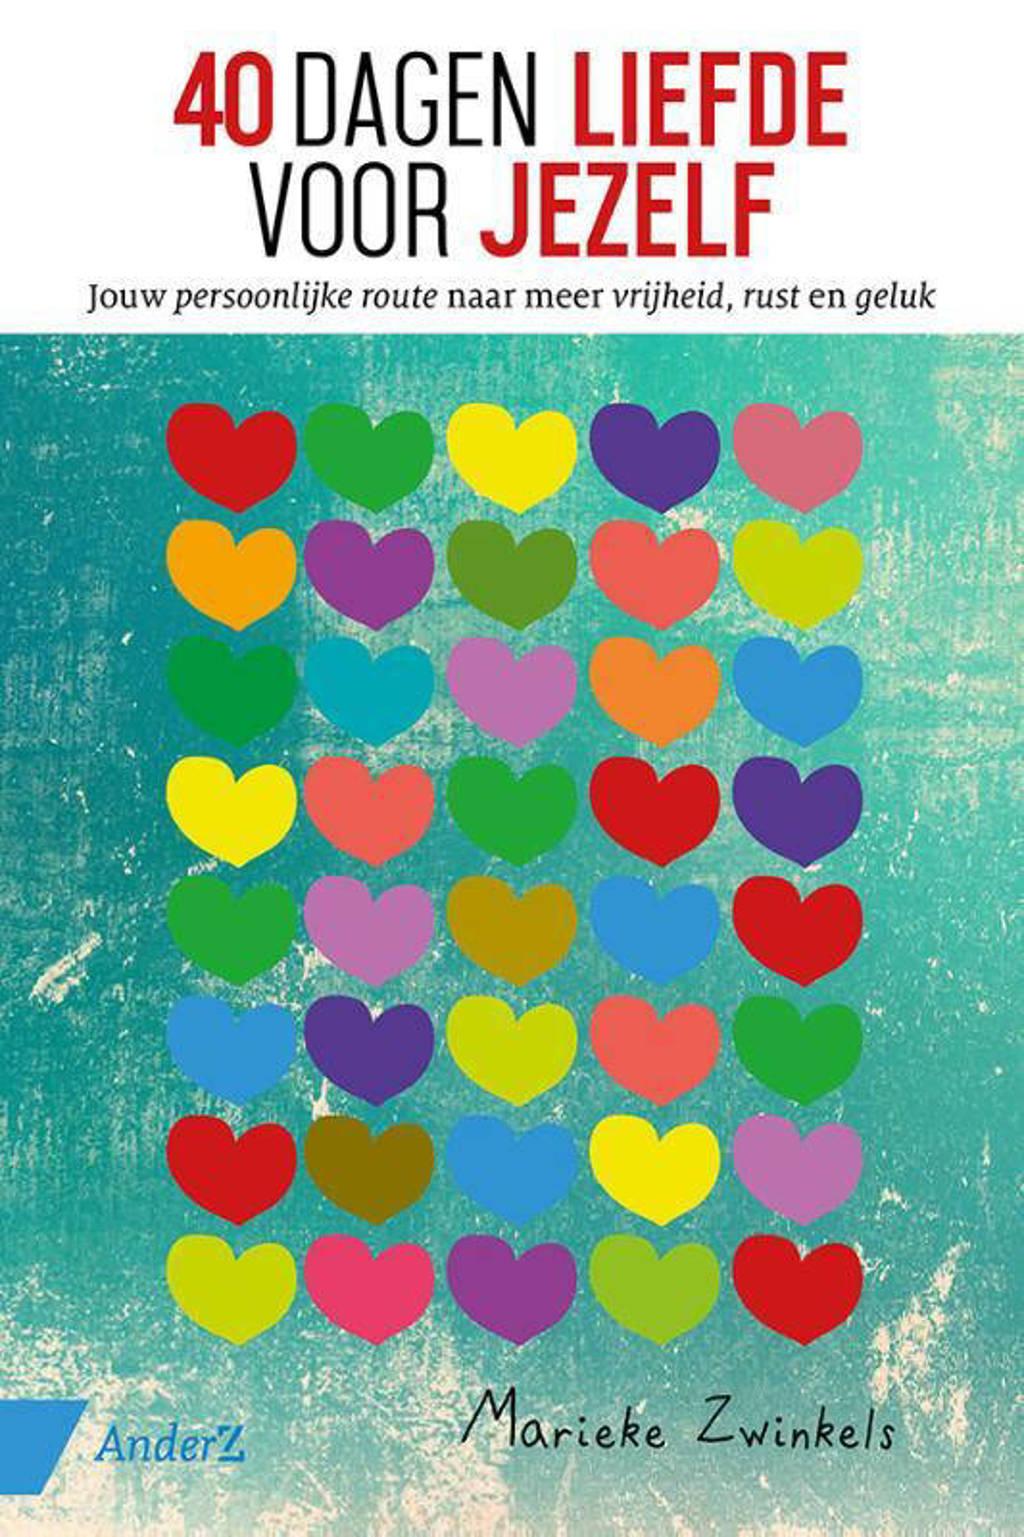 40 dagen liefde voor jezelf - Marieke Zwinkels